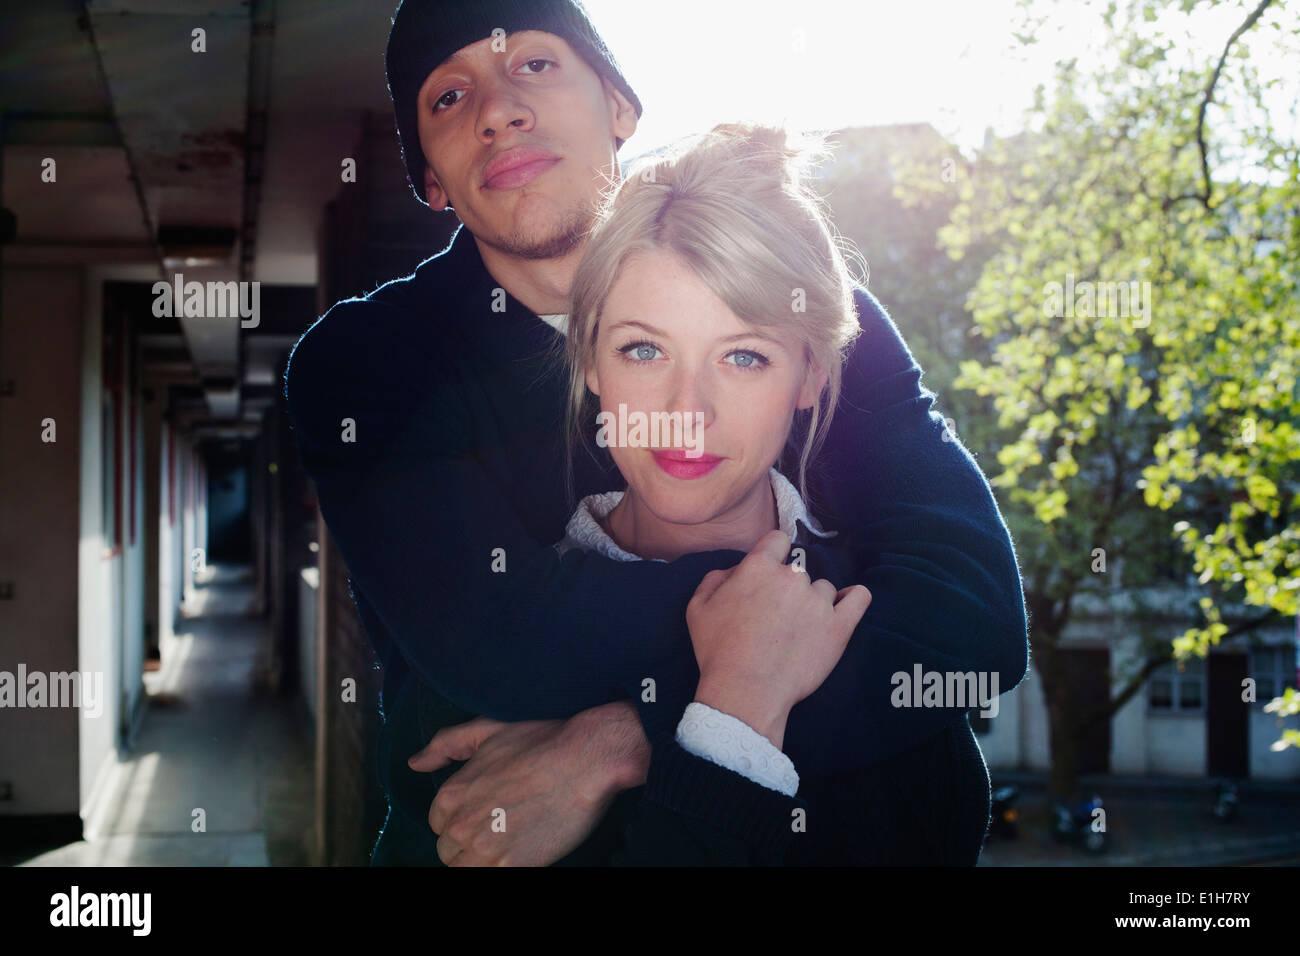 Jeune couple avec bras autour, debout dans le bloc d'appartements, London, UK Photo Stock